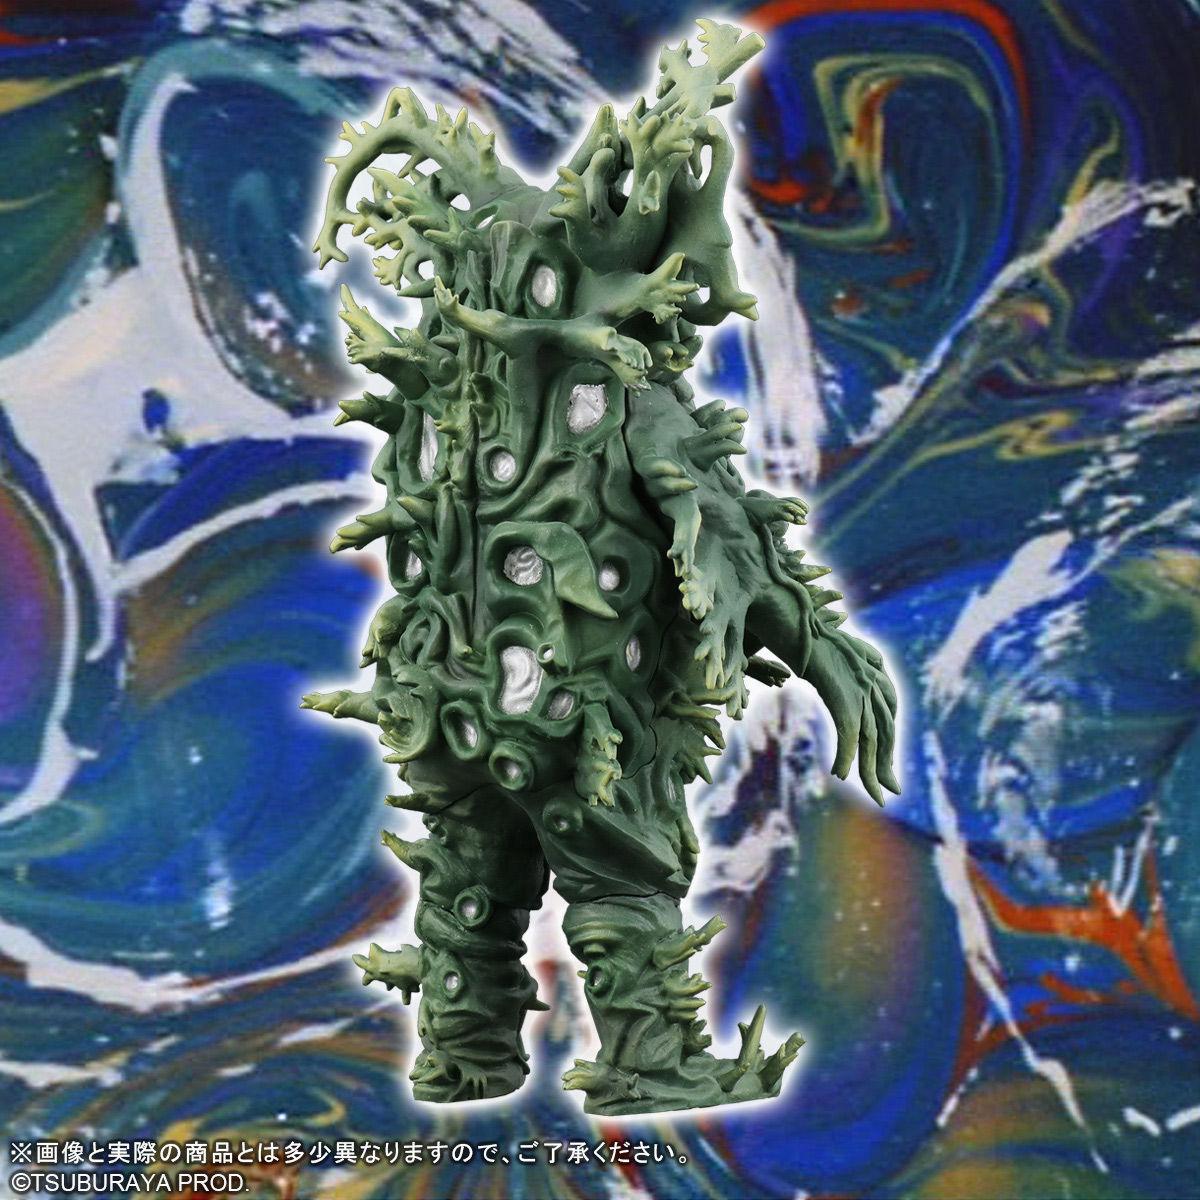 【限定販売】ウルトラ大怪獣シリーズ5000『ワイアール星人/カメレキング』完成品フィギュア-003